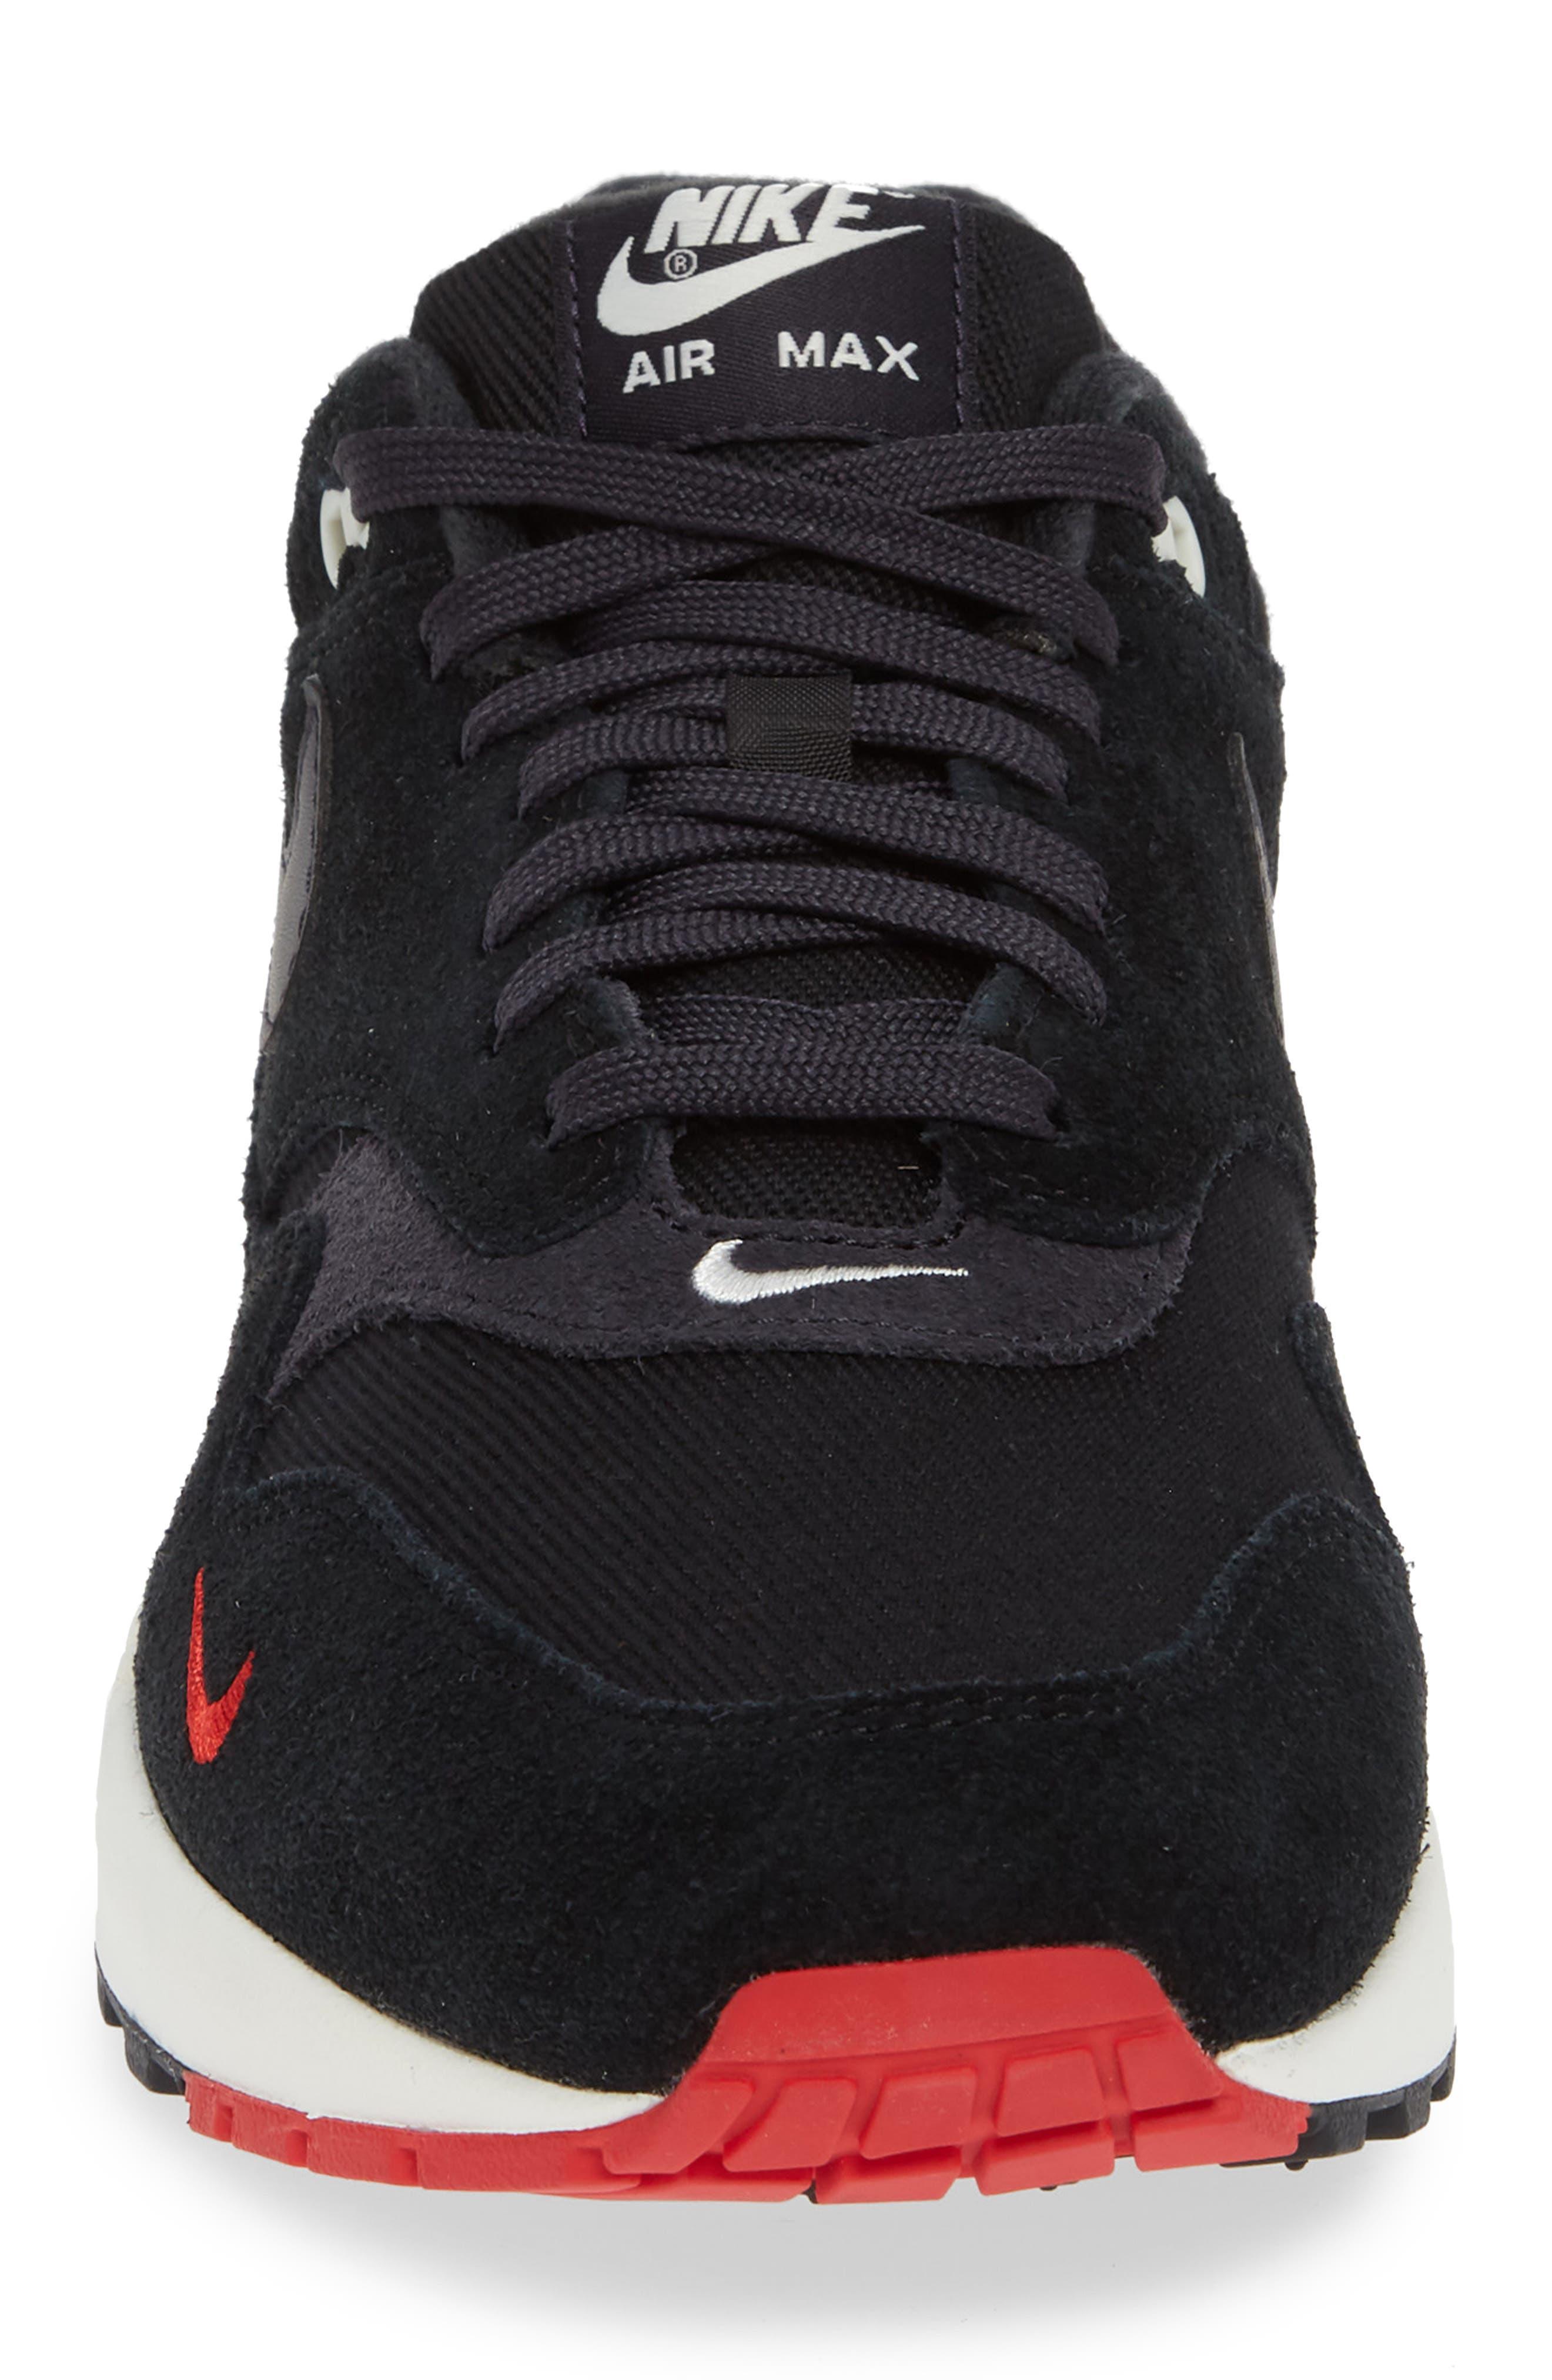 Air Max 1 Premium Sneaker,                             Alternate thumbnail 4, color,                             Black/ Grey/ University Red